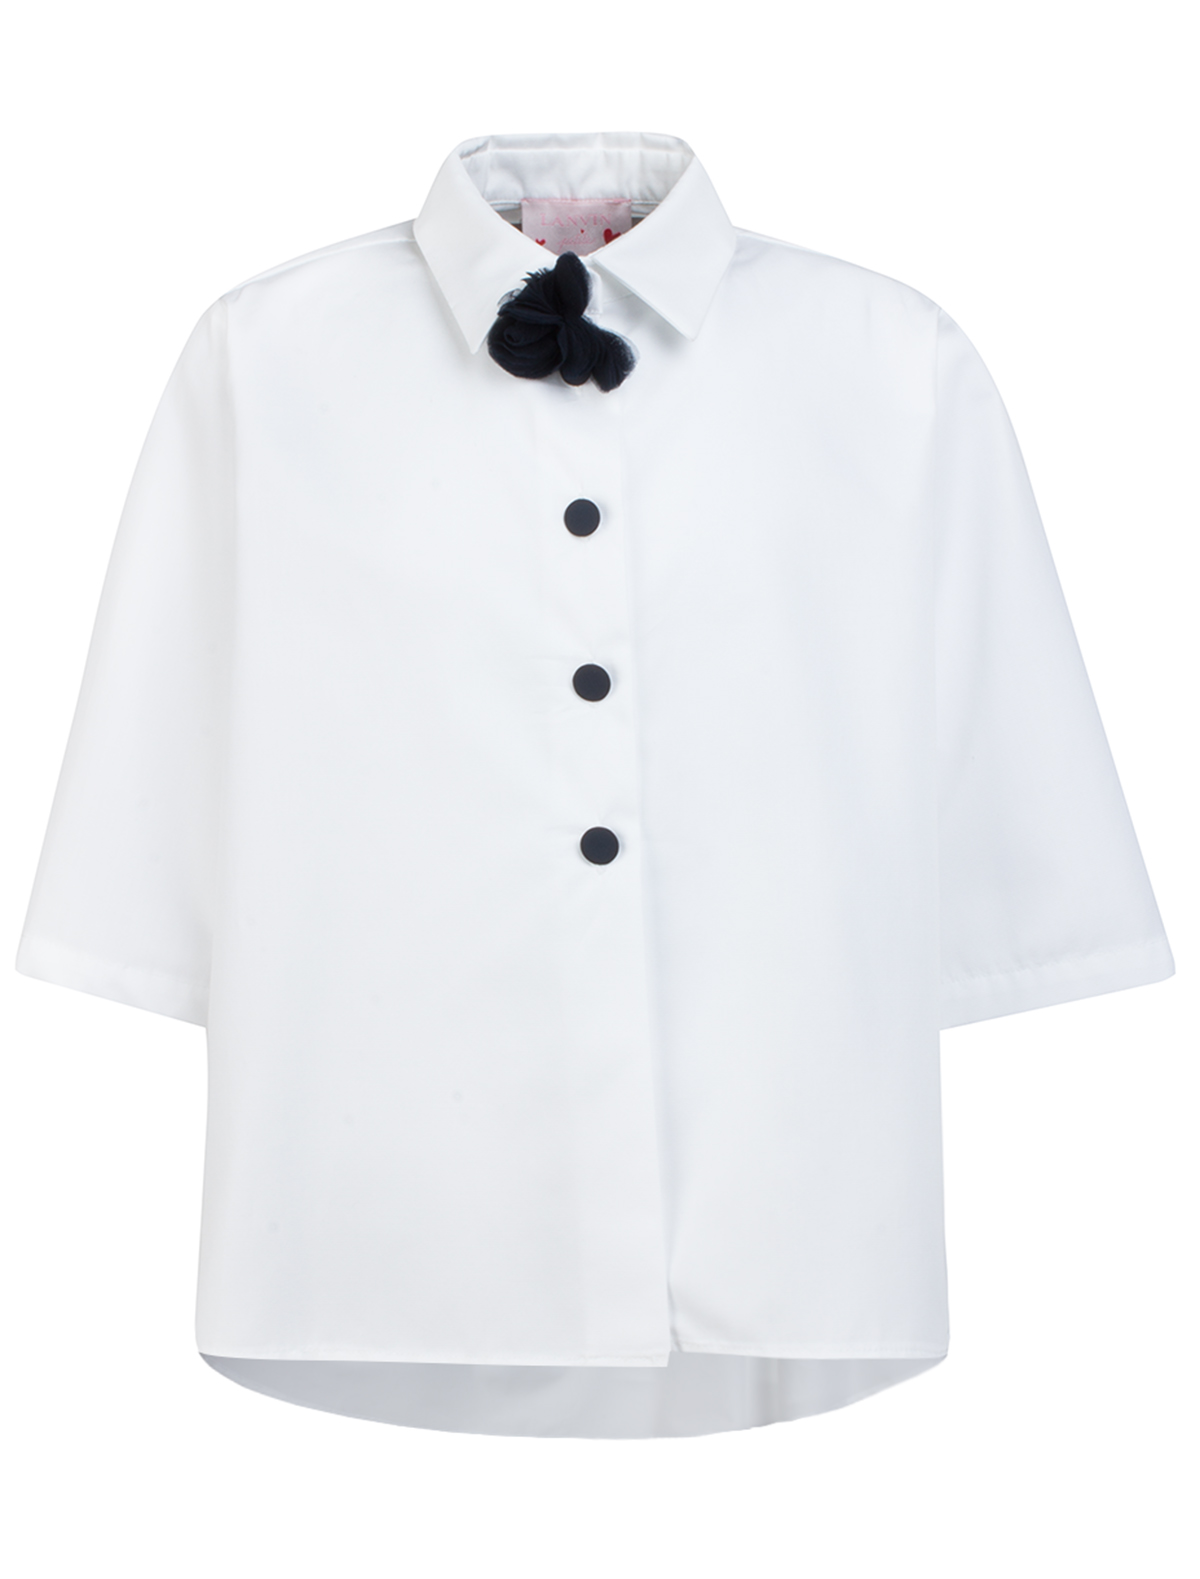 Купить 1864809, Блуза Lanvin, белый, Женский, 1031209670069